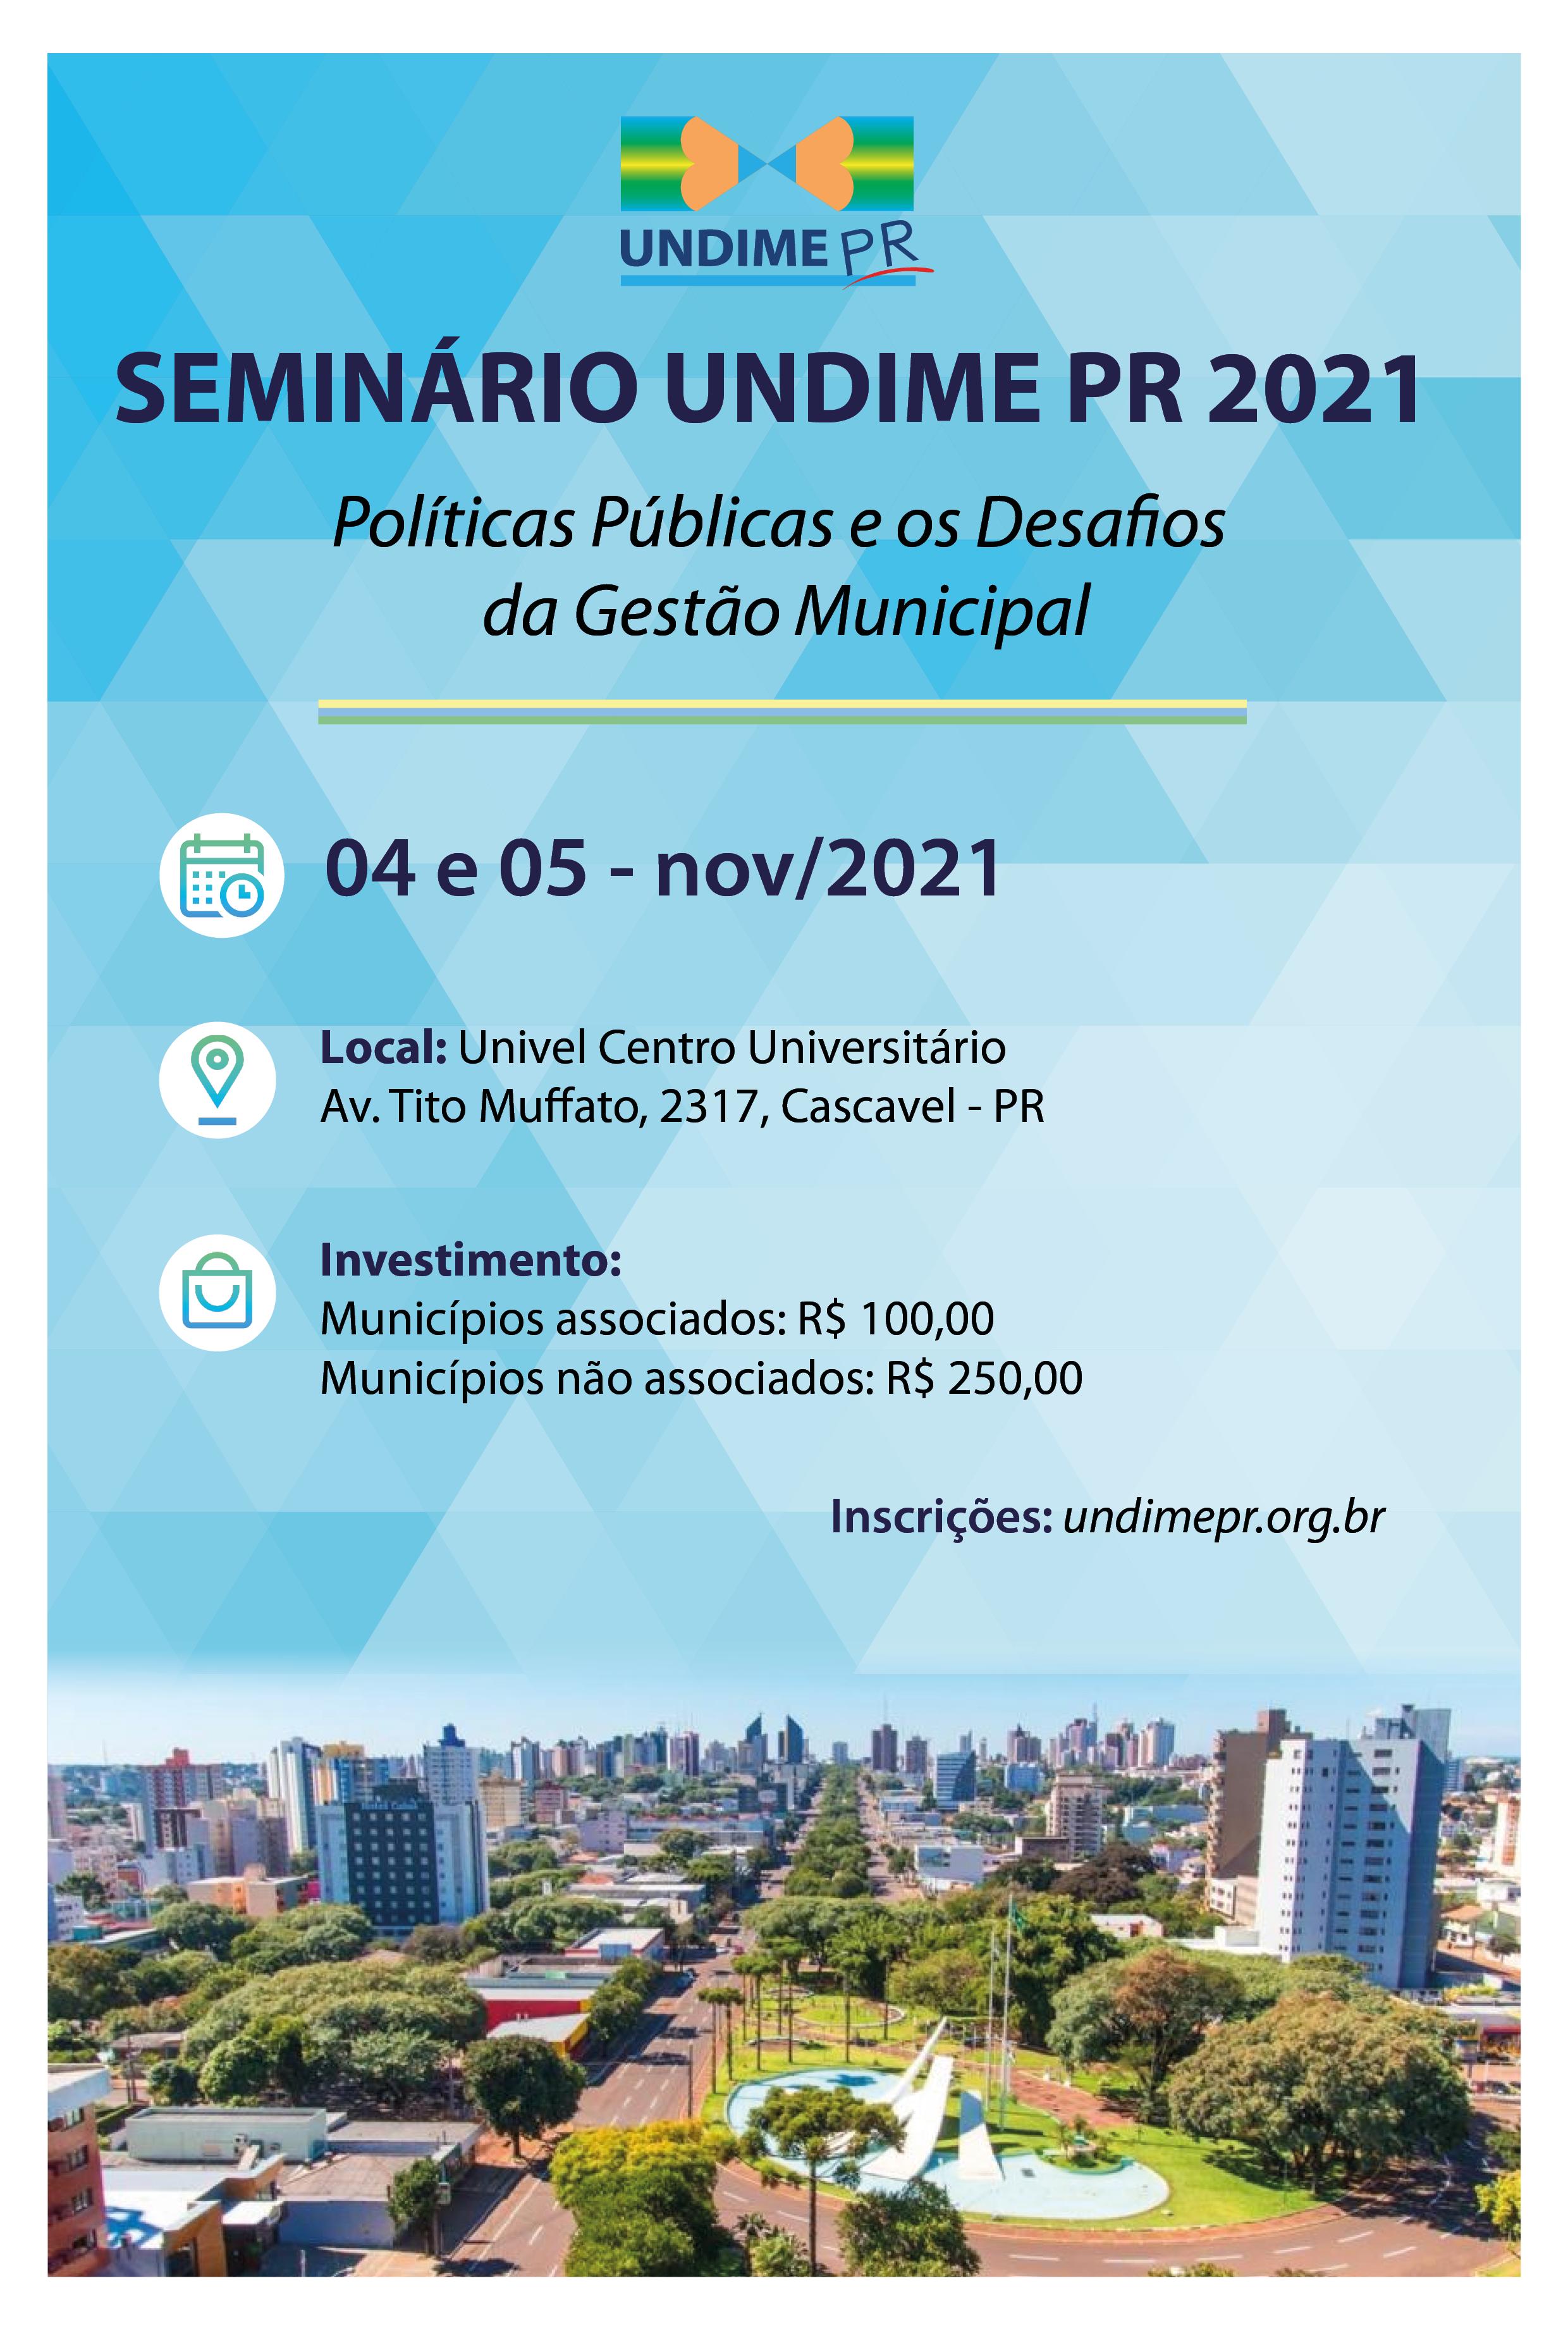 Abertas inscrições para o Seminário da Undime PR 2021